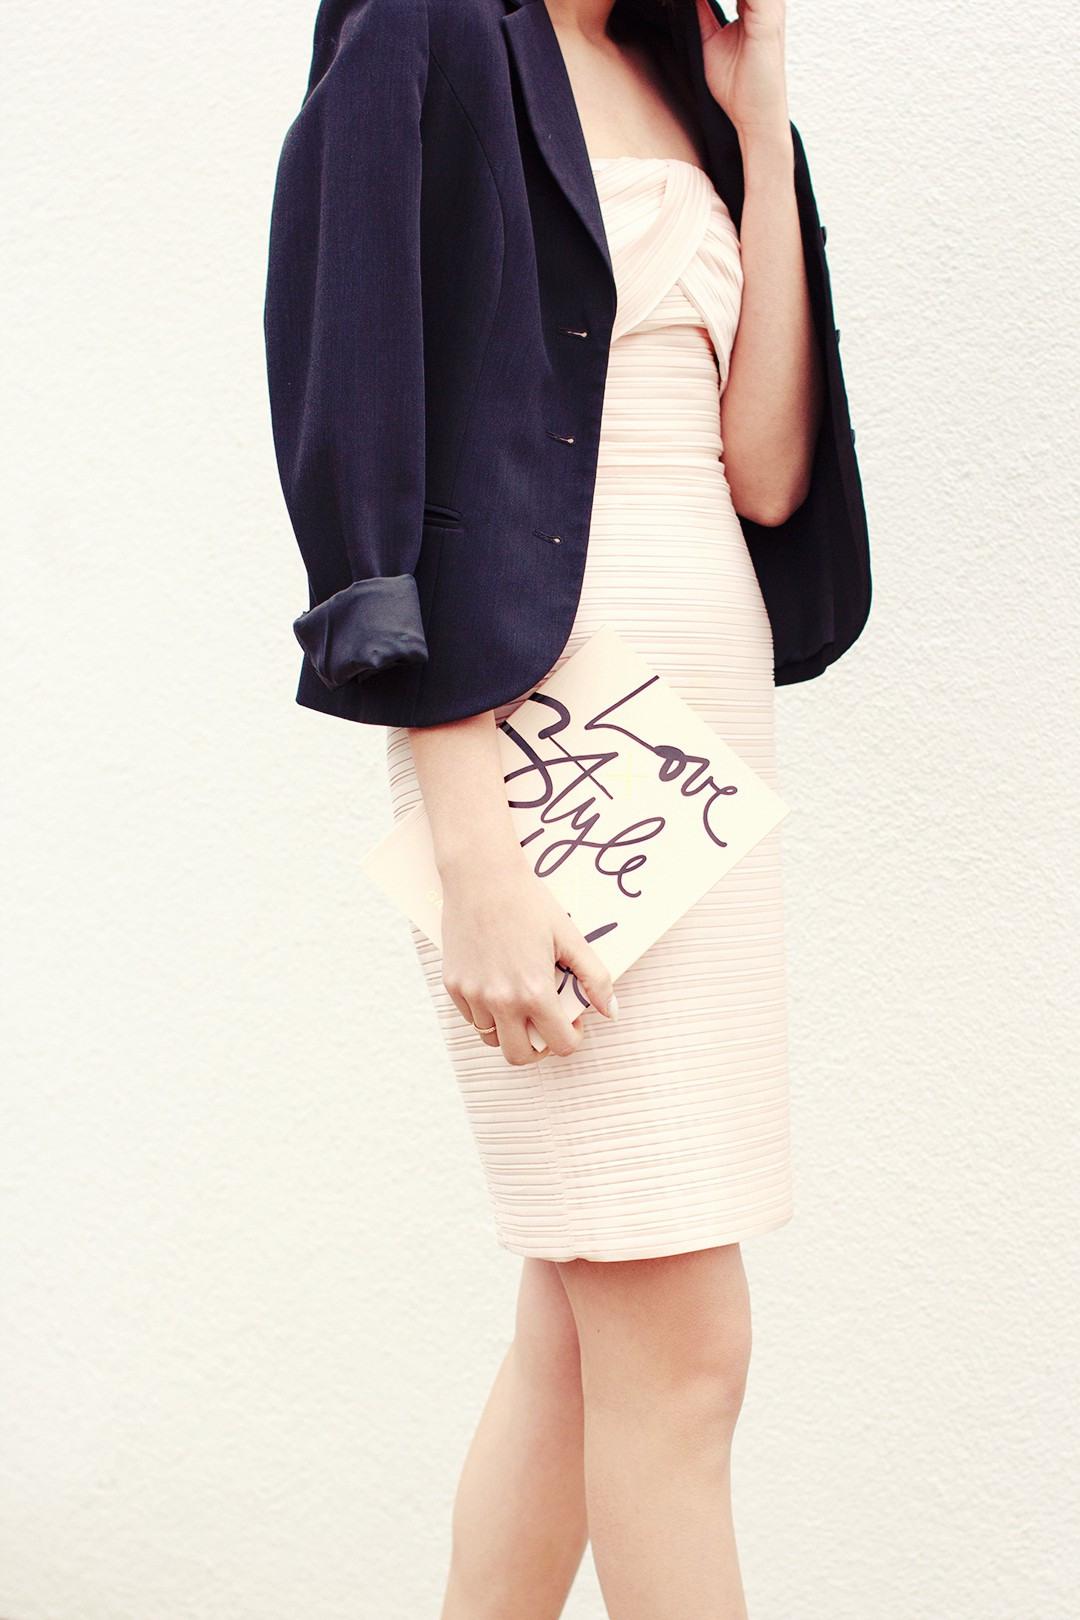 Designer Erstaunlich Abend Dress Zara Spezialgebiet Großartig Abend Dress Zara Vertrieb